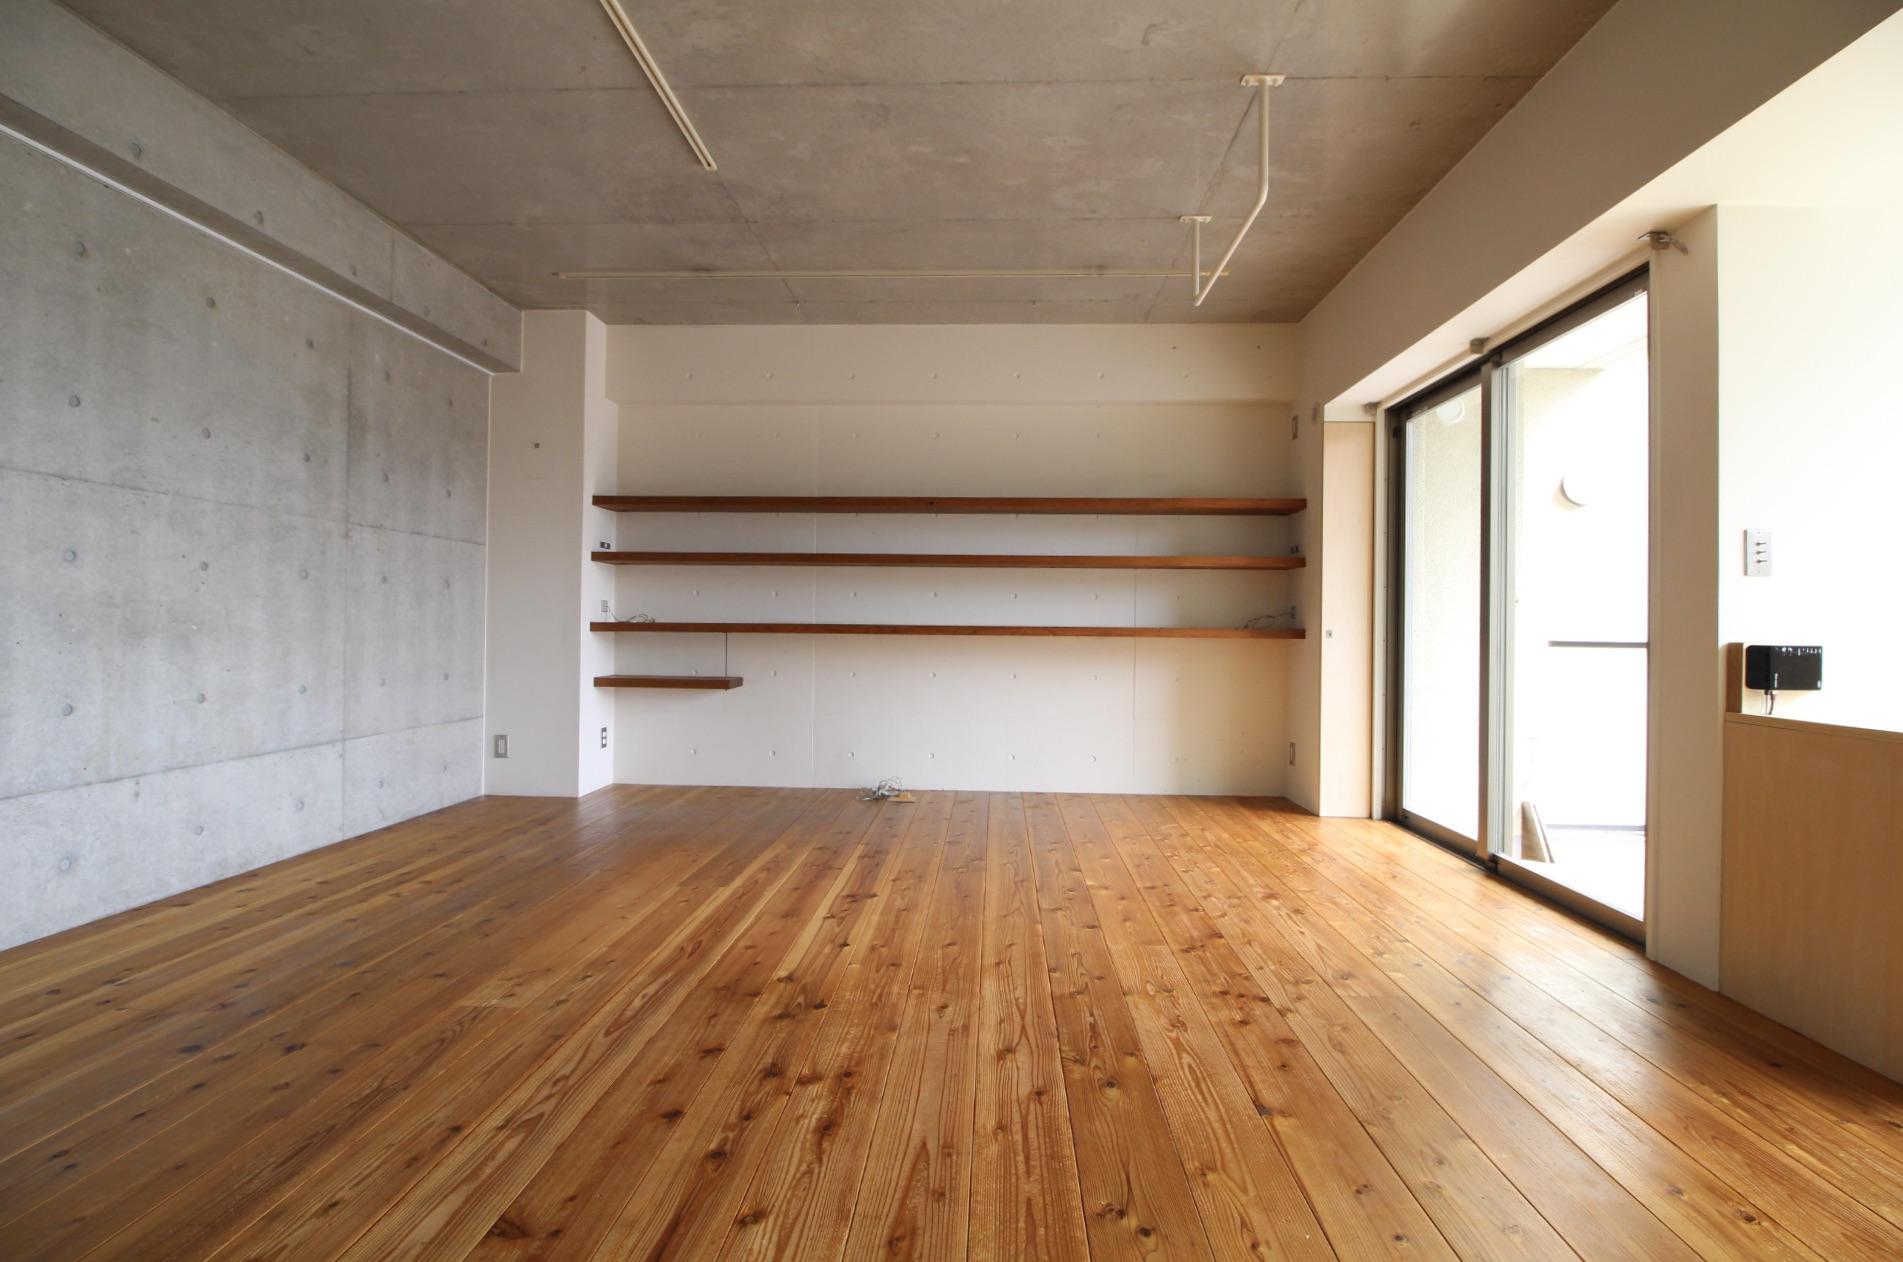 壁一面の棚にお気に入りの雑貨や本を並べたい